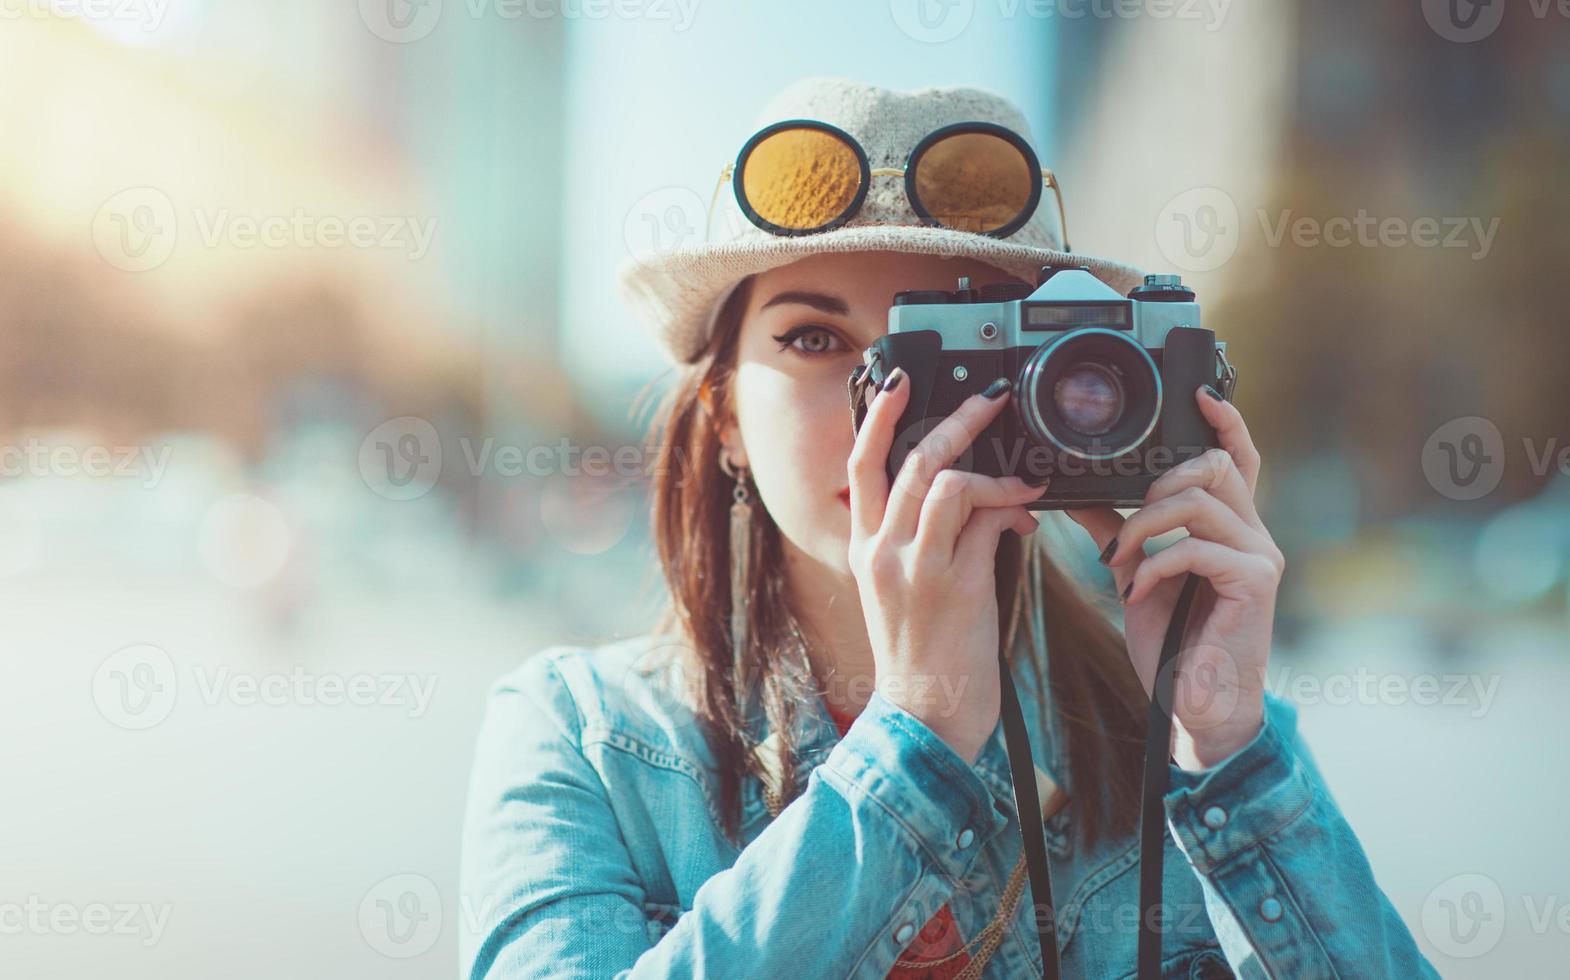 ragazza dei pantaloni a vita bassa che fa foto con la retro macchina fotografica, fuoco sulla macchina fotografica